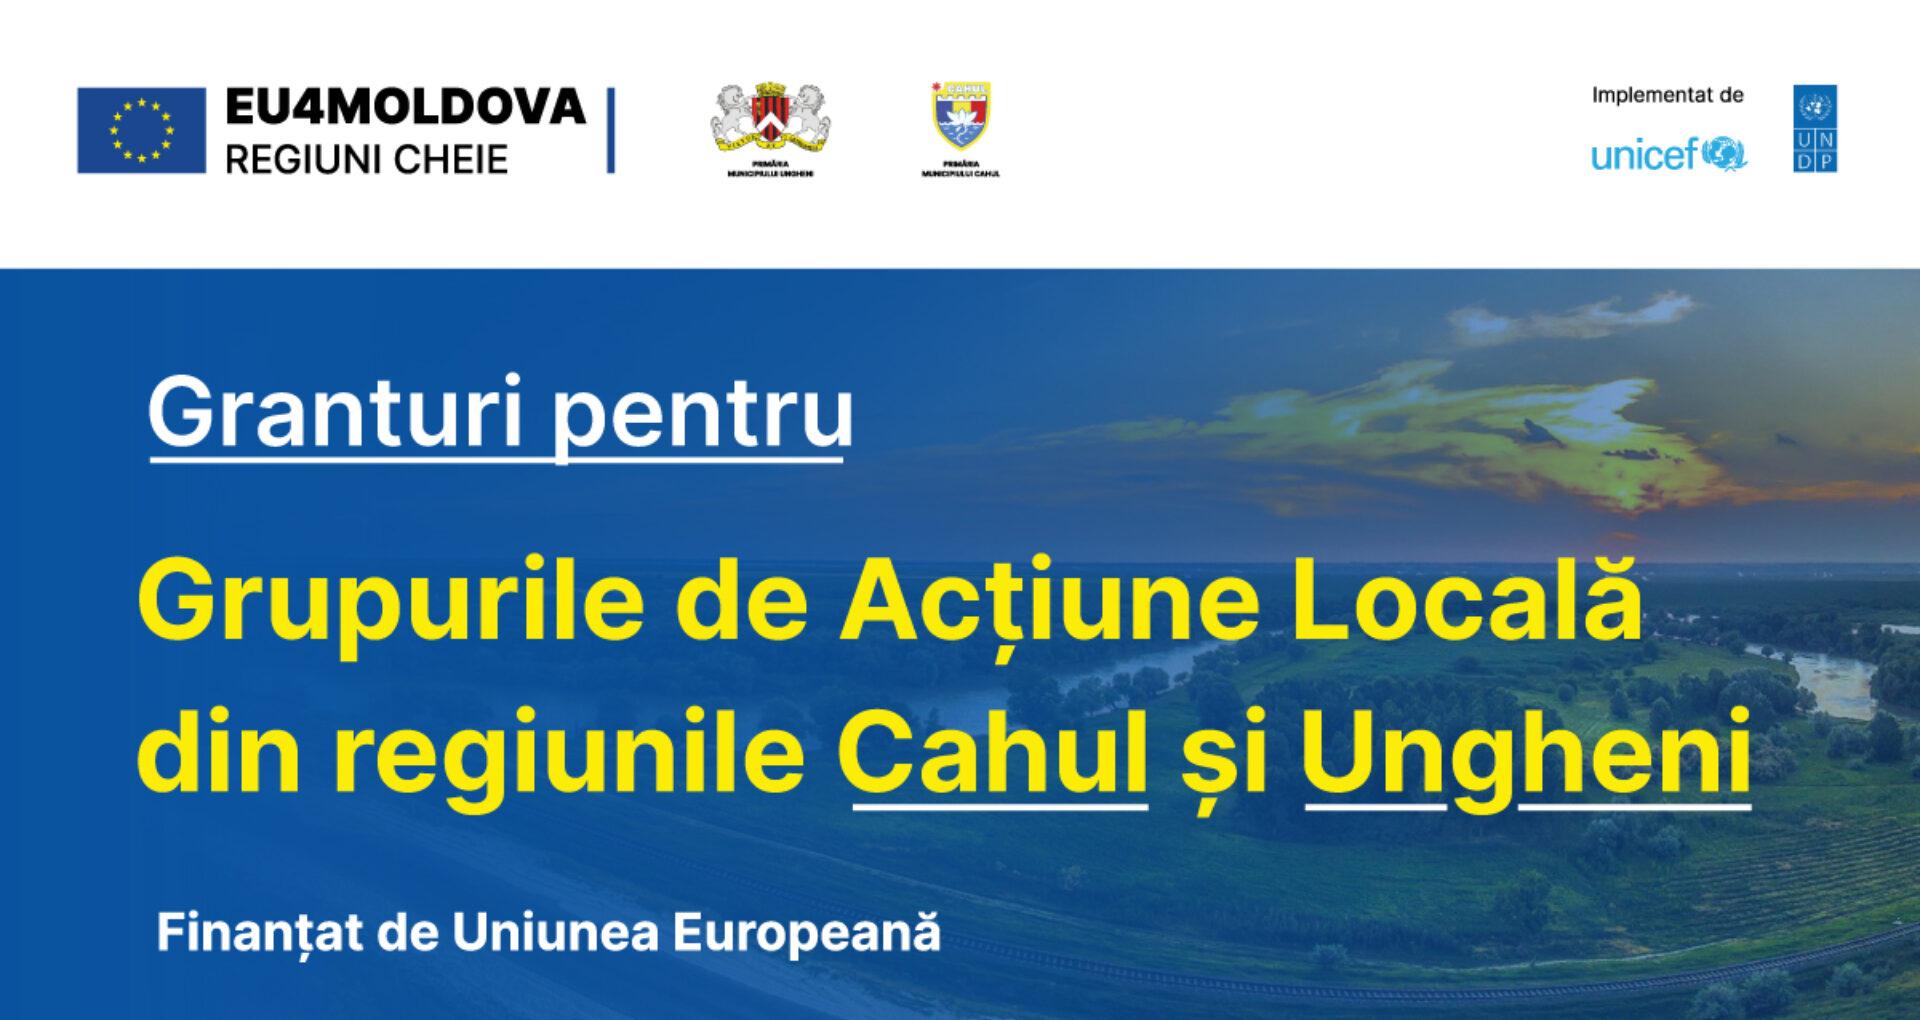 Granturi în valoare de 200.000 de euro vor fi acordate Grupurilor de Acţiune Locală din regiunile Cahul şi Ungheni, cu asistenţa financiară a UE